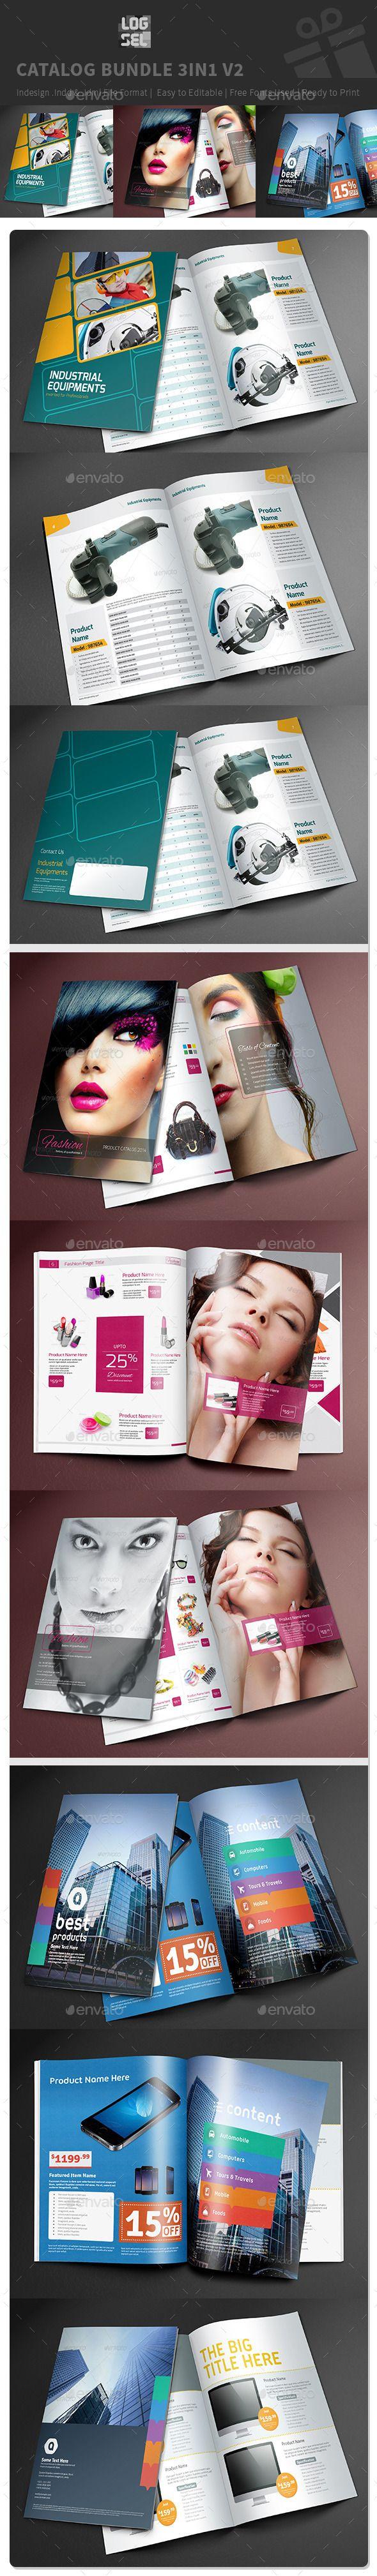 Catalog Bundle 3in1  V2 — InDesign INDD #most elegant #Catalog Bundle • Available here → https://graphicriver.net/item/catalog-bundle-3in1-v2-/9603170?ref=pxcr